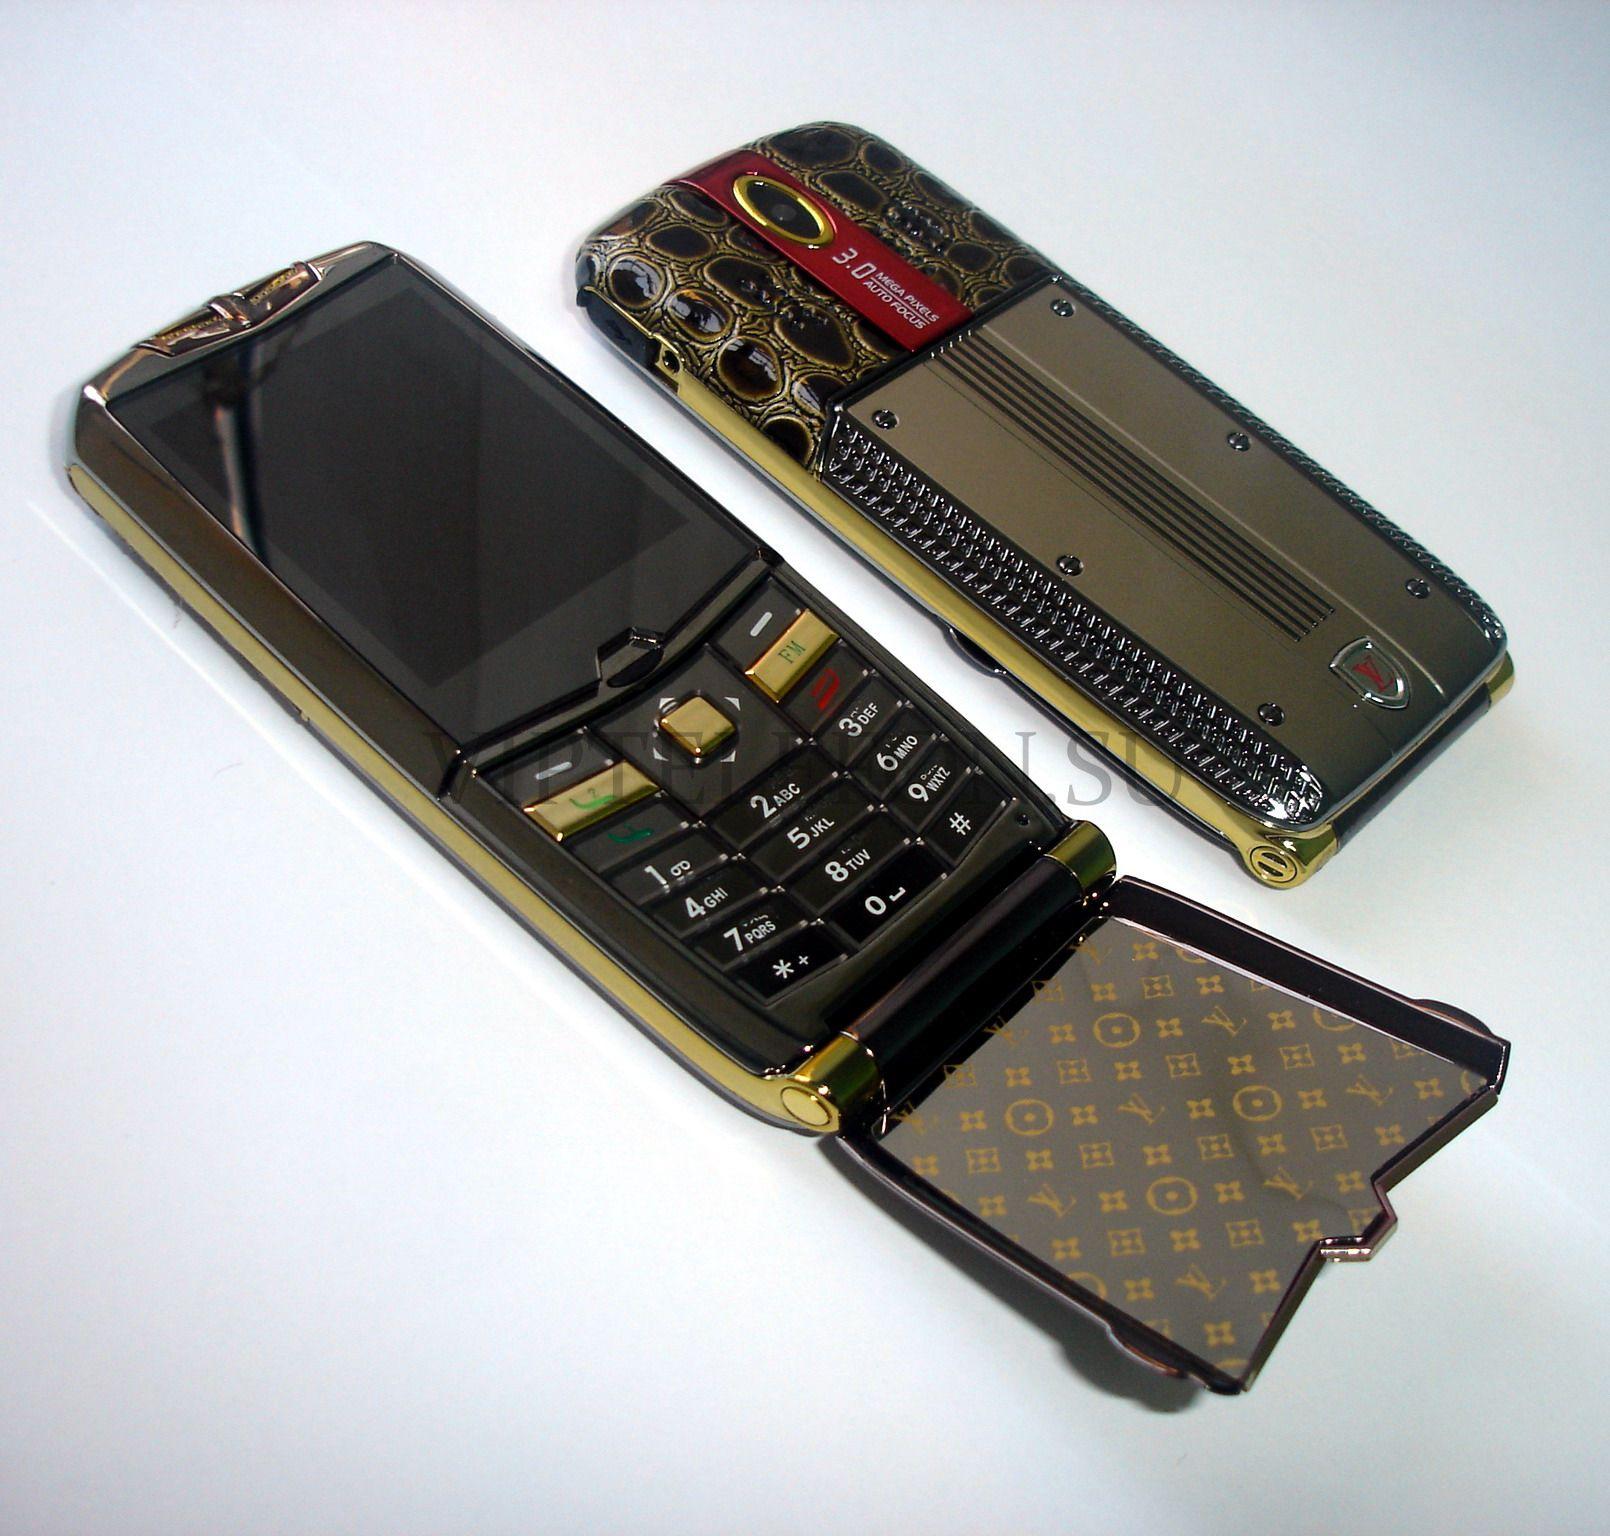 того, телефоны завод китай все модели цены фото белье можно